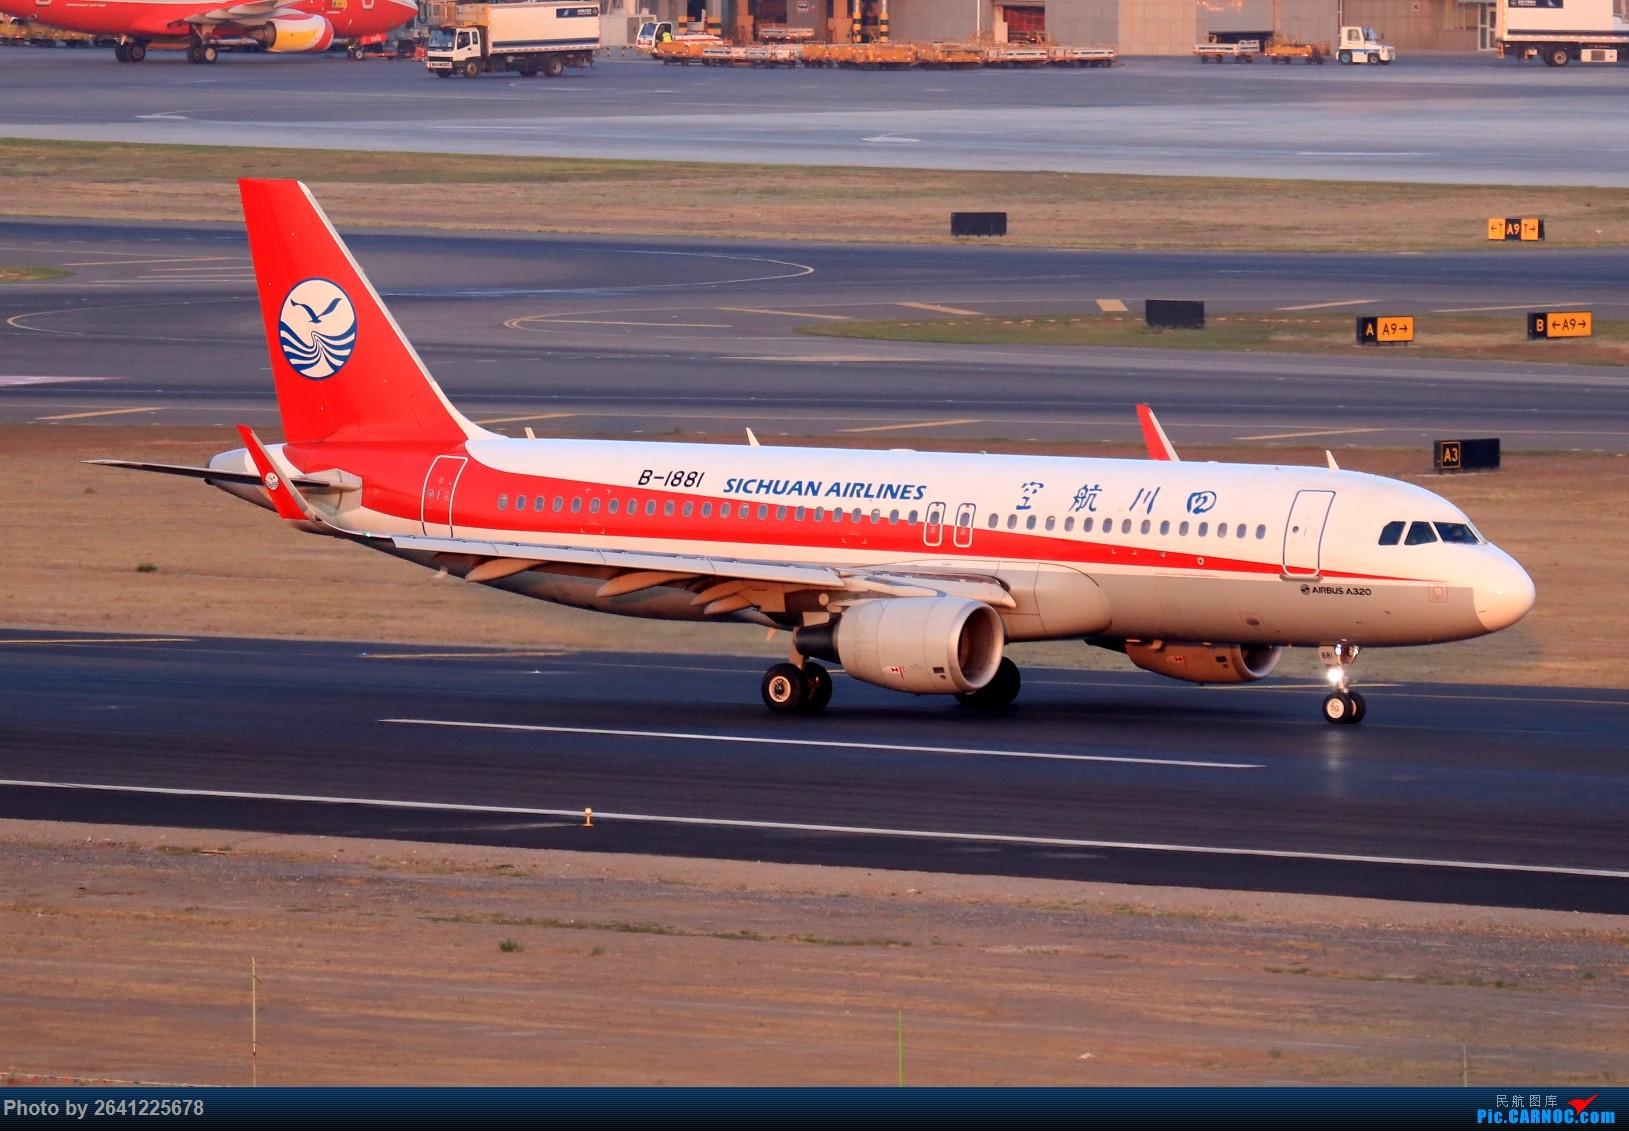 Re:[原创]【小周游记第7集拍机贴】乌鲁木齐绝美的地景和光线 AIRBUS A320-200 B-1881 中国乌鲁木齐地窝堡国际机场